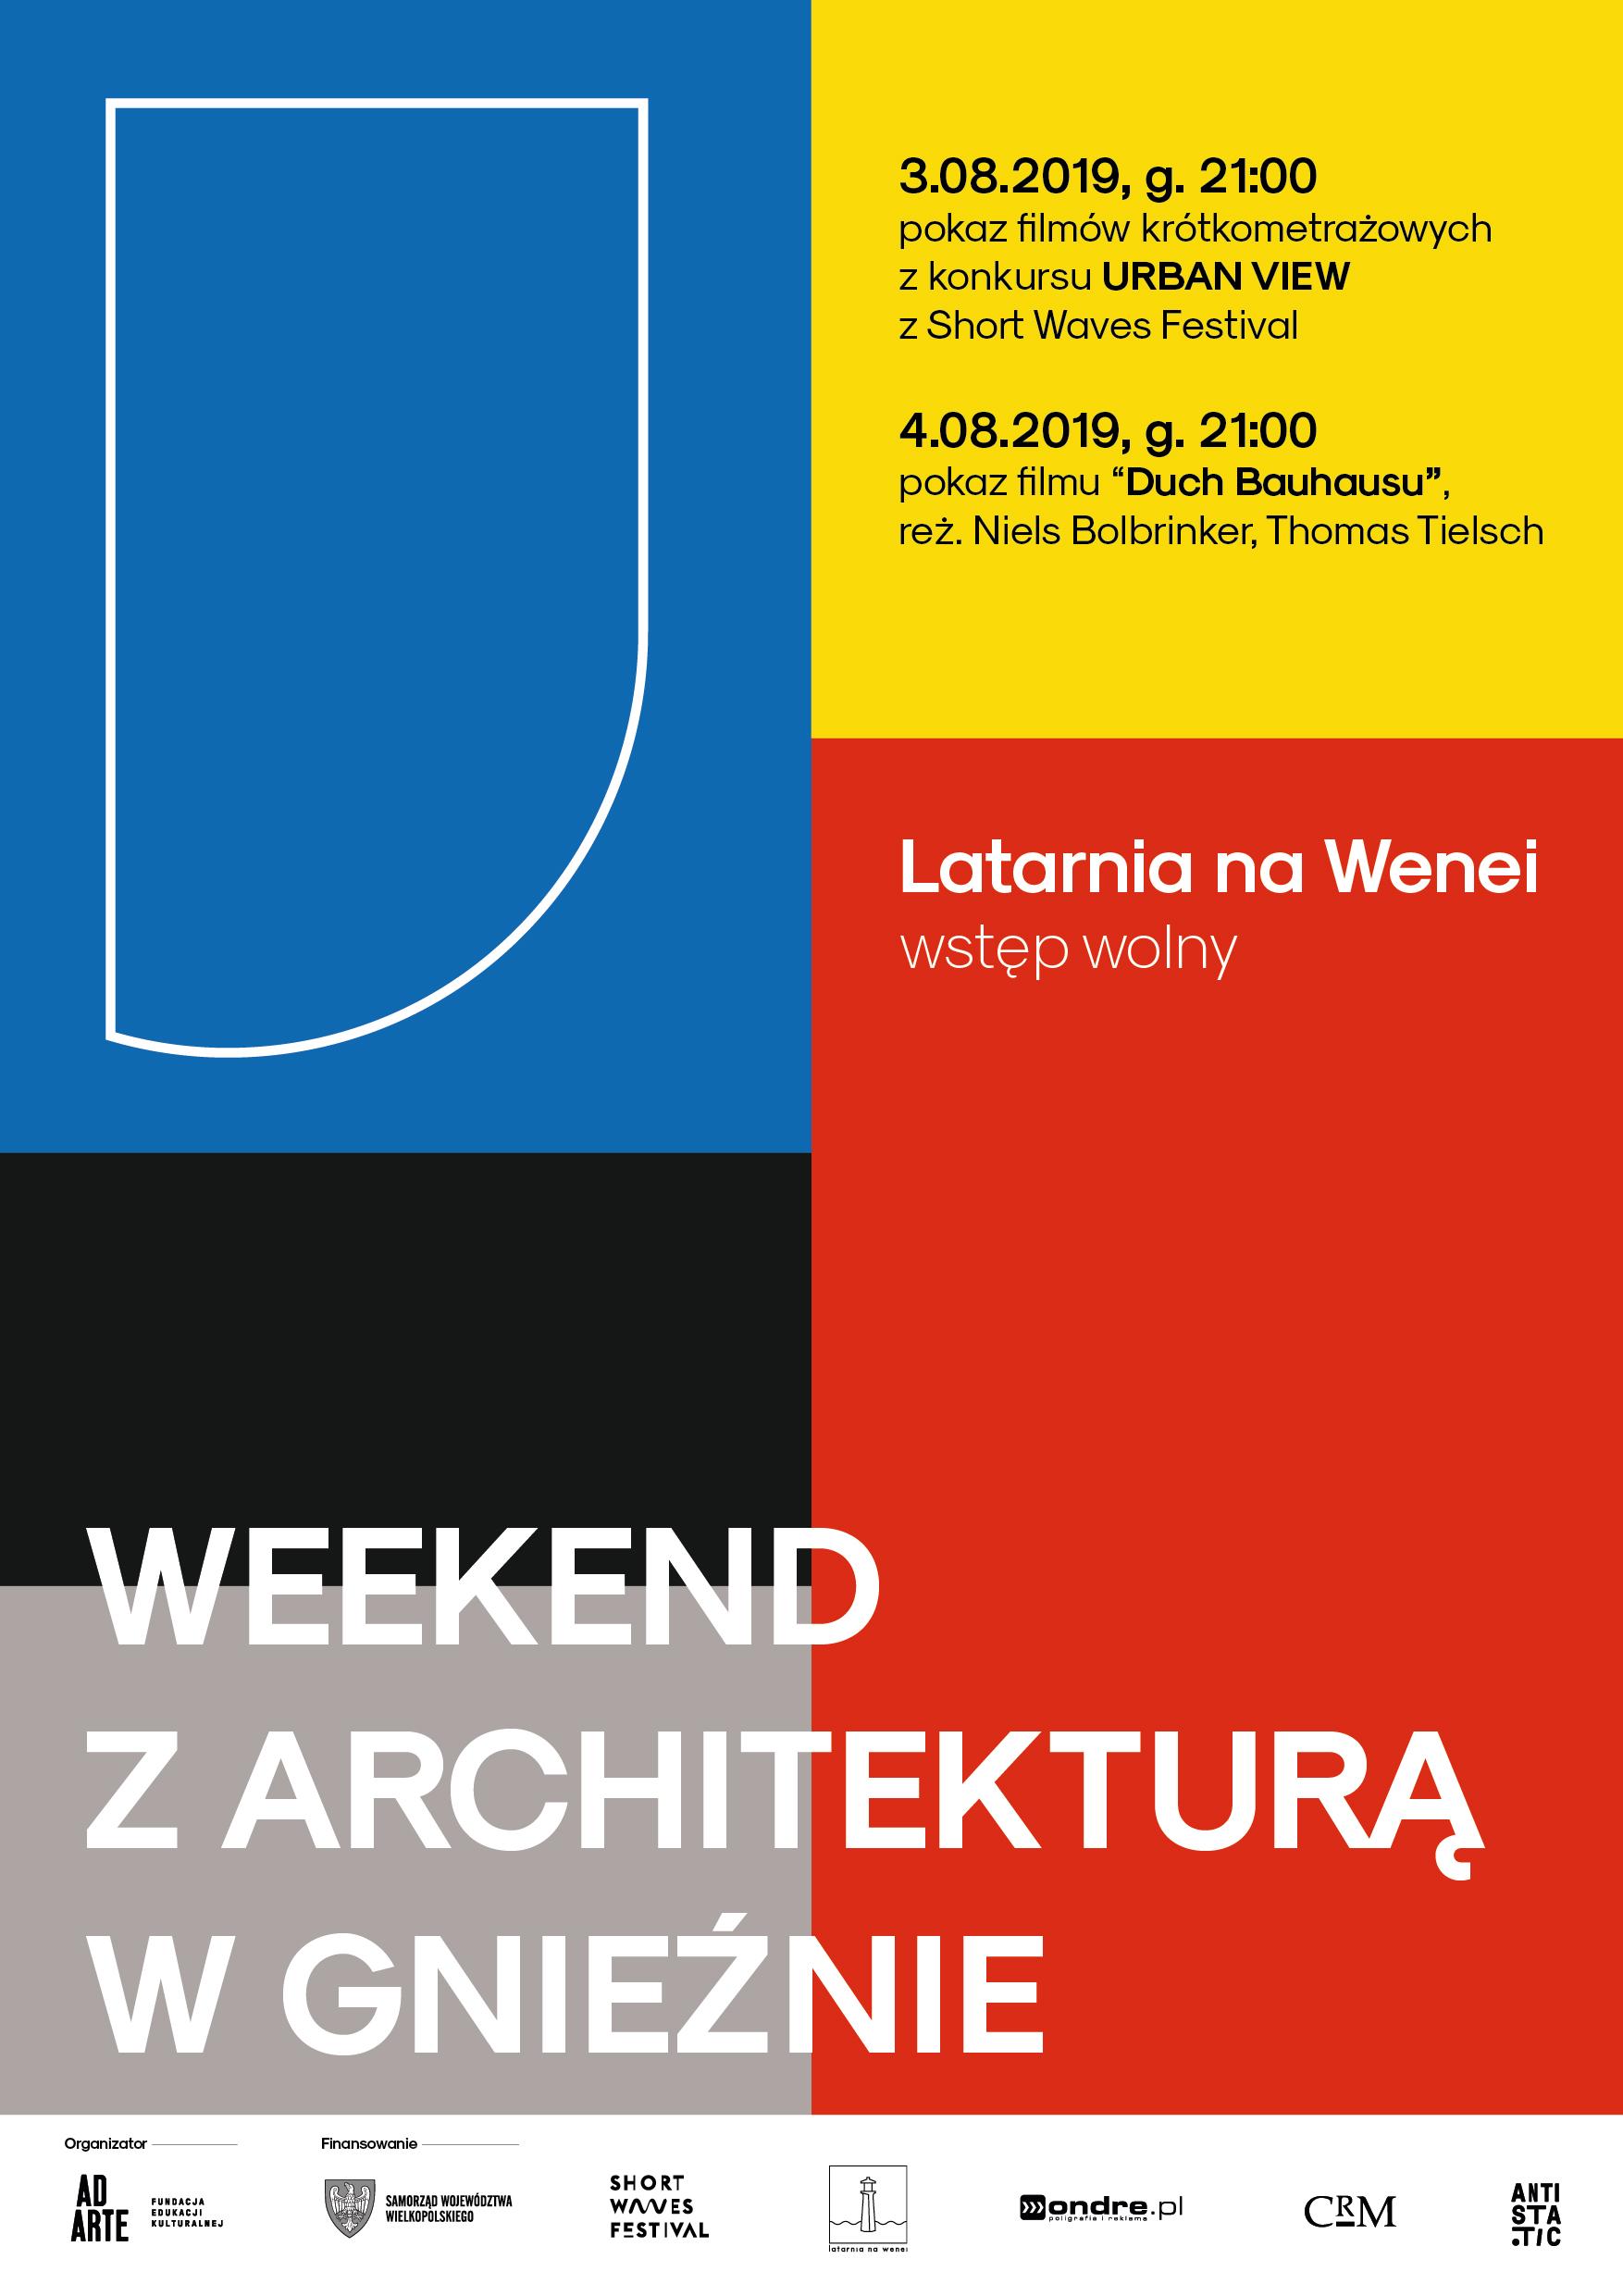 Weekend z architekturą